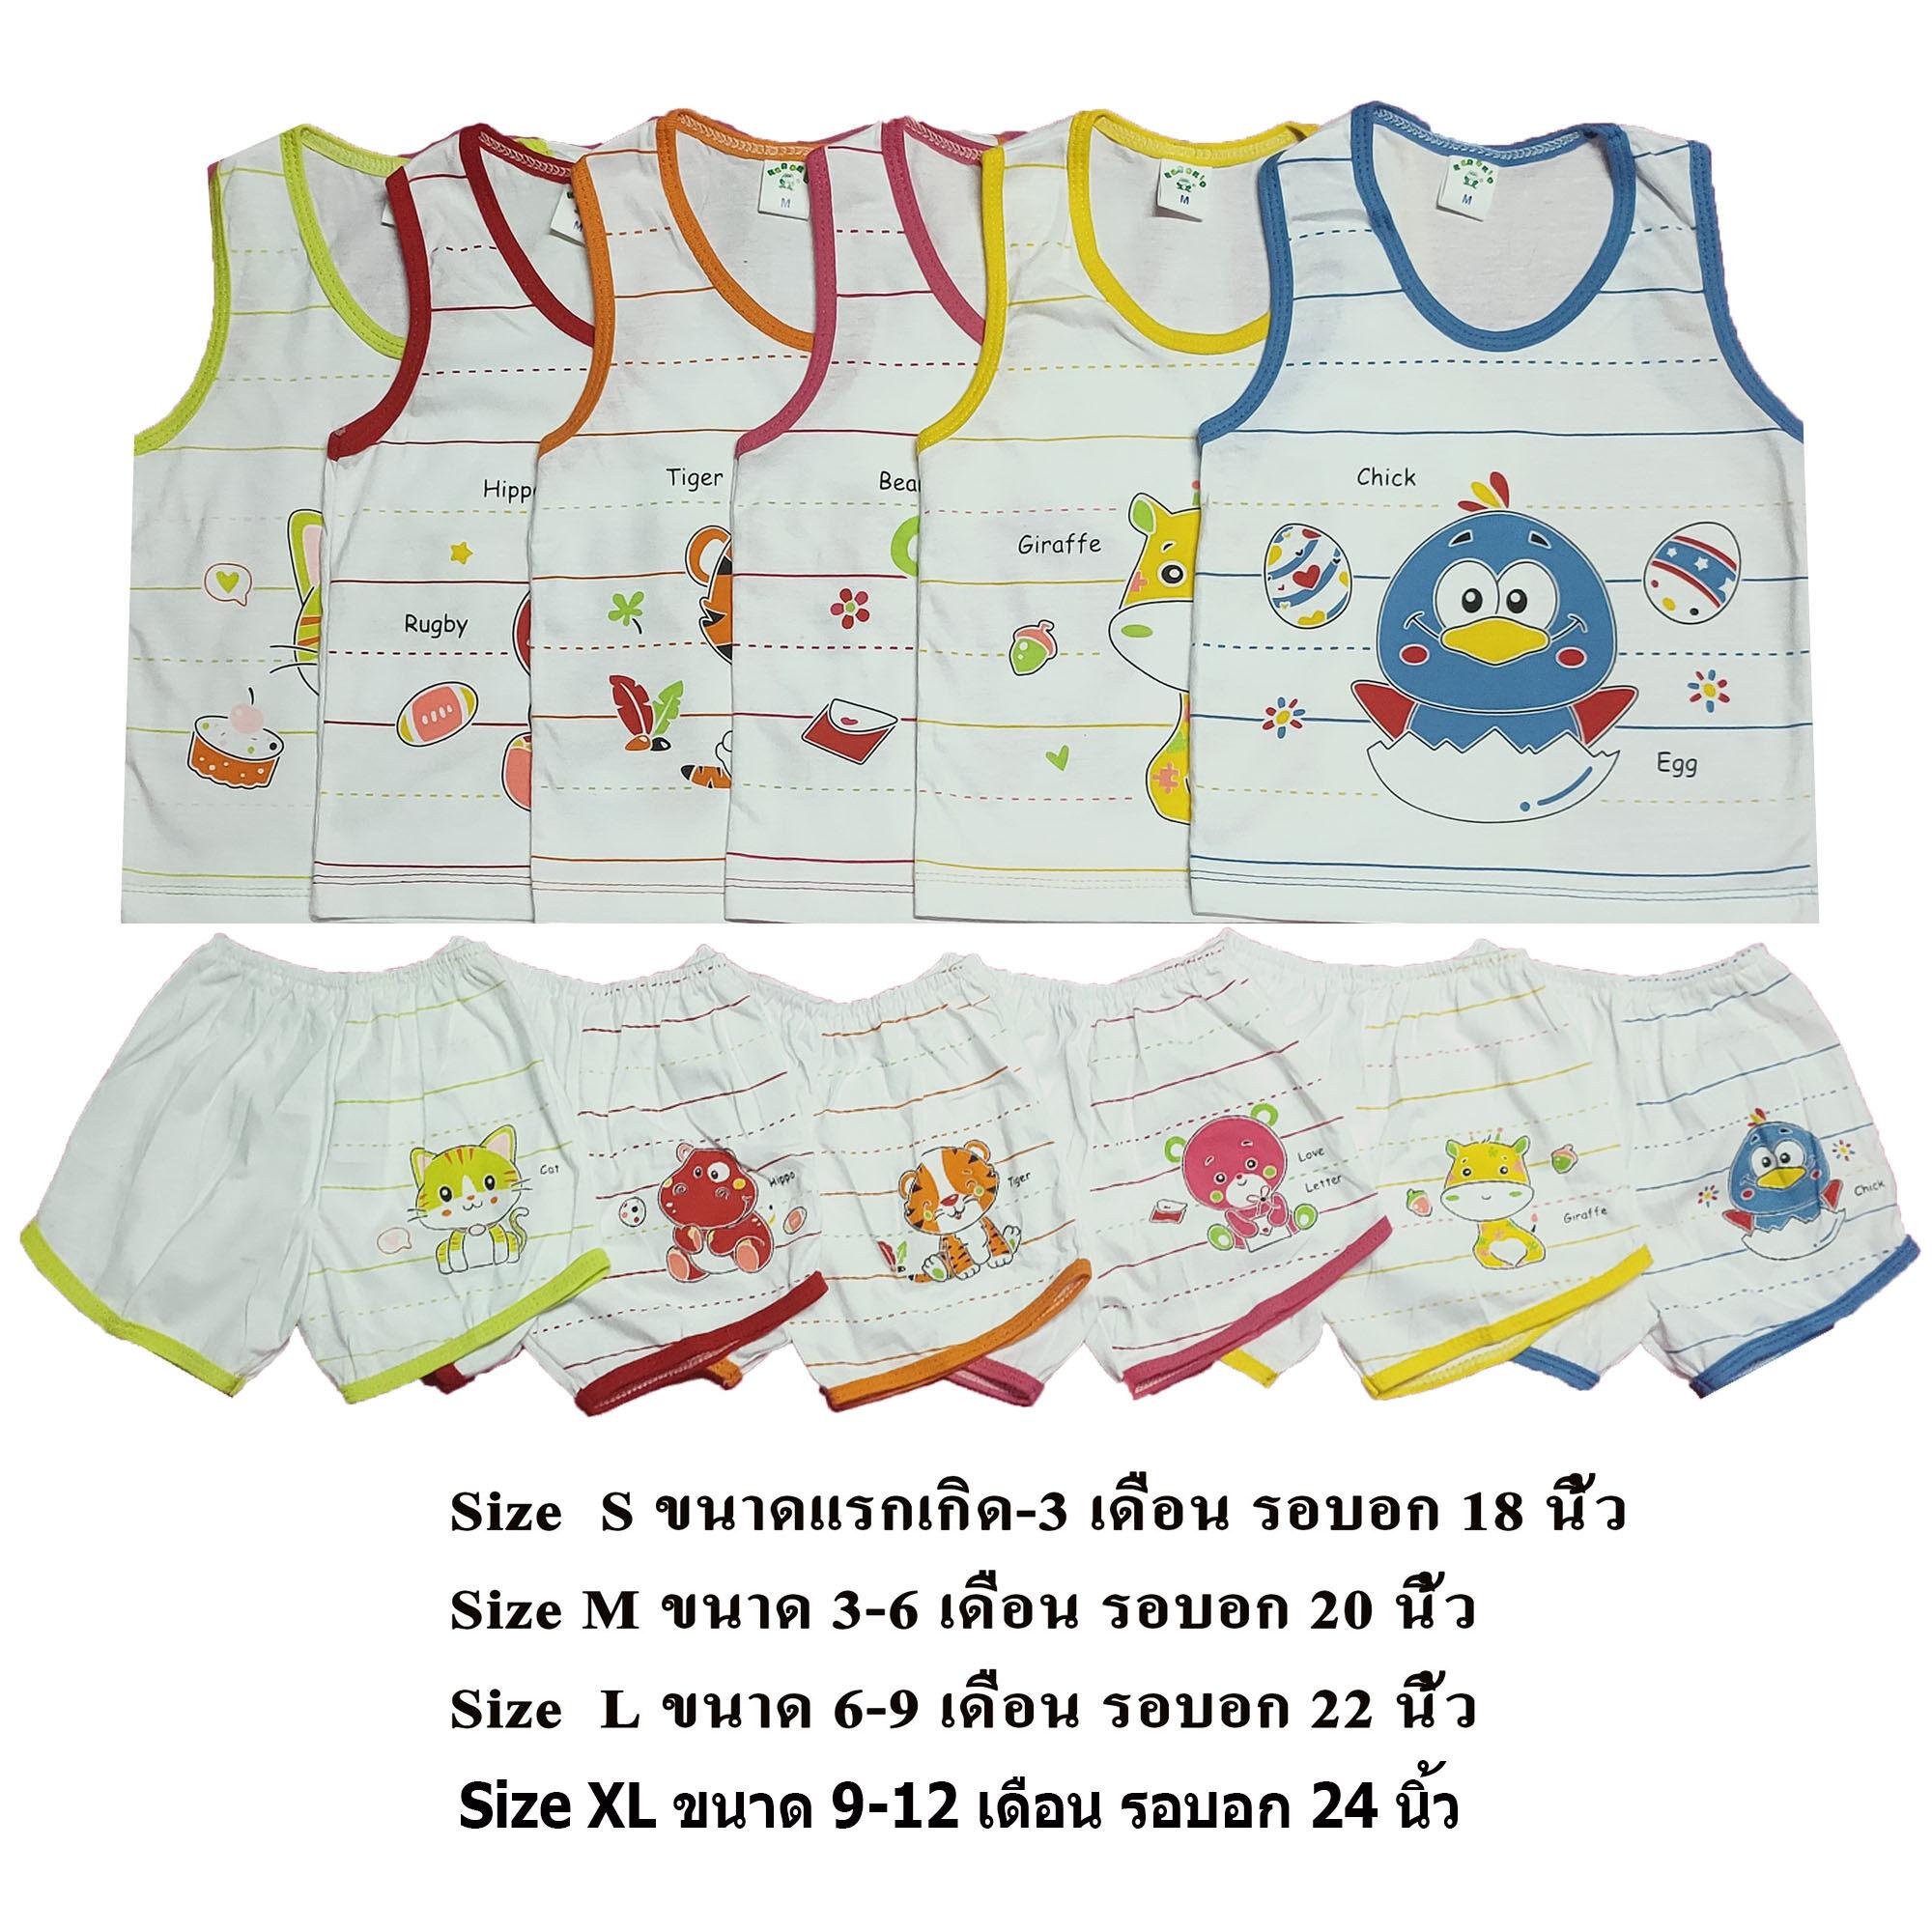 รีวิว Kamphu ชุดเสื้อกล้าม เสื้อกล้ามเด็ก เสื้อเด็กอ่อน เด็กหญิง เด็กชาย แพ็ค 6 ชุด